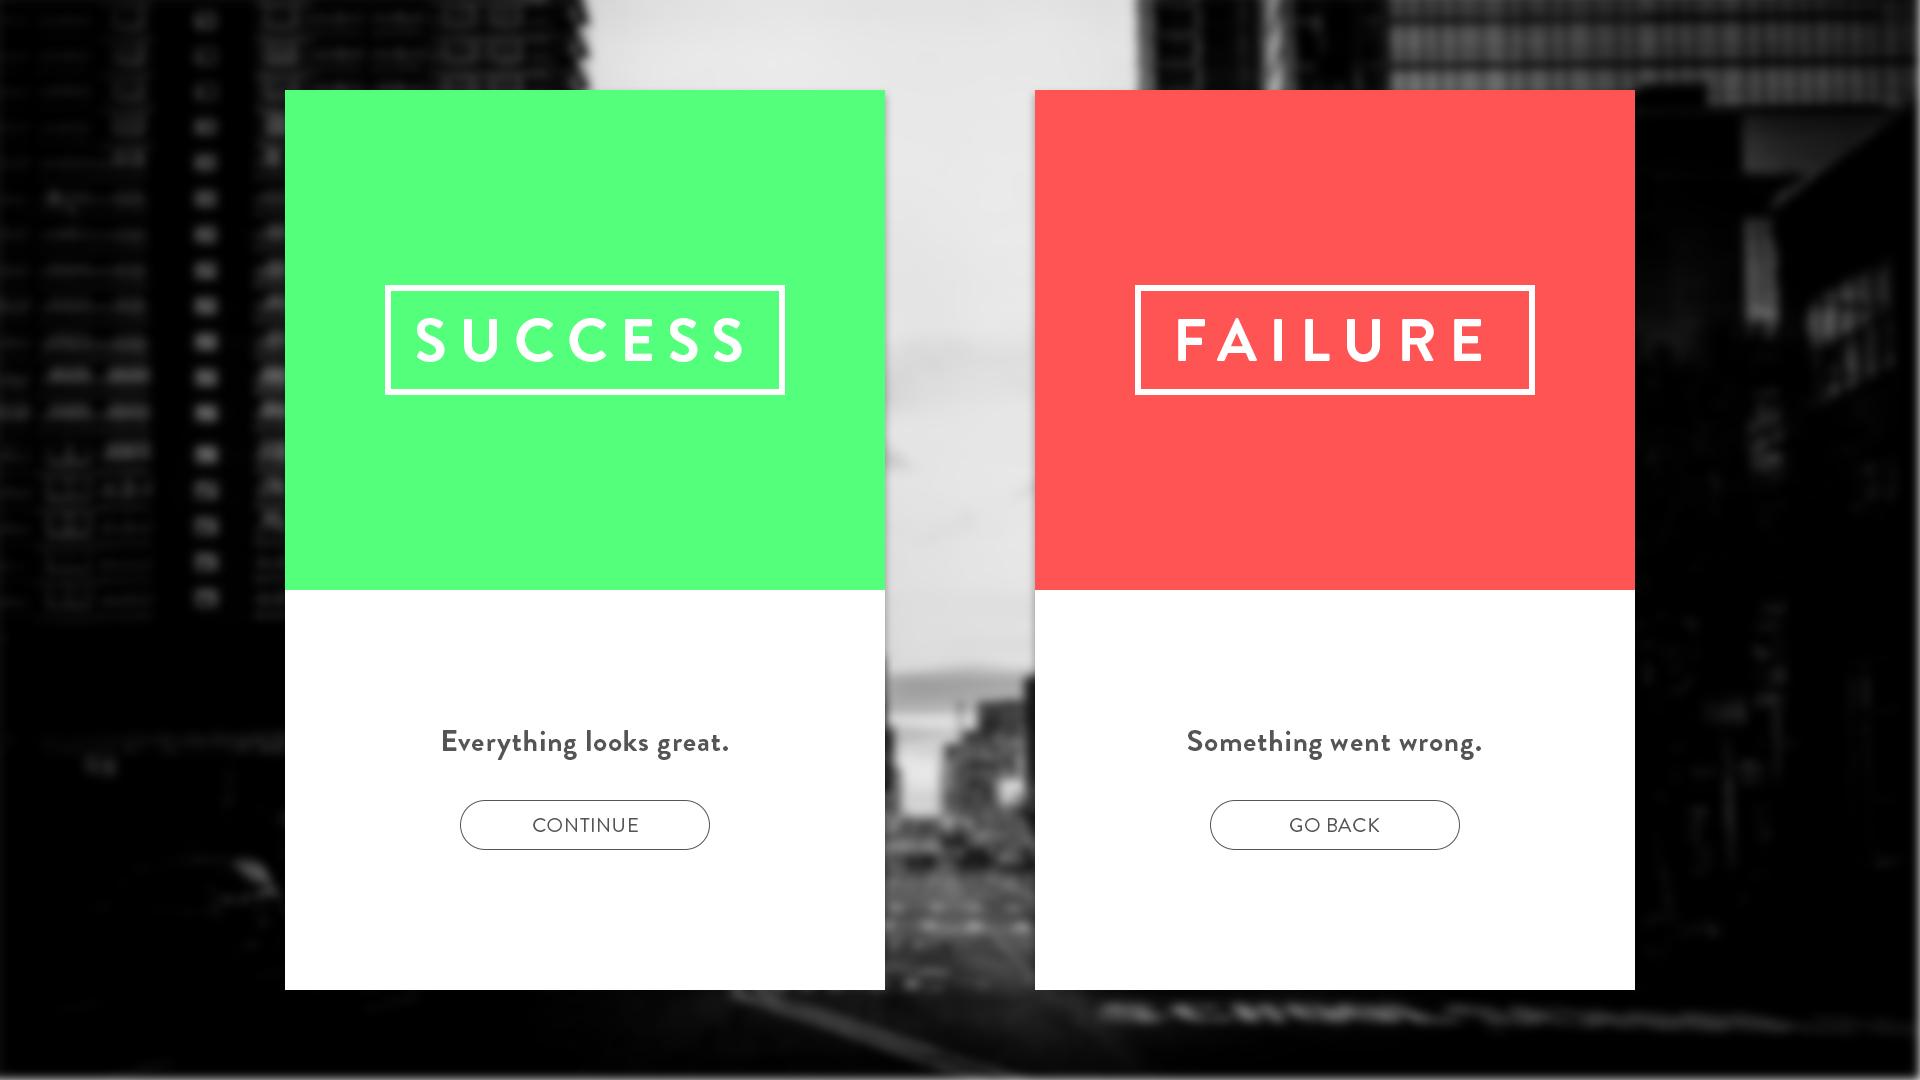 Ui 011 succes error